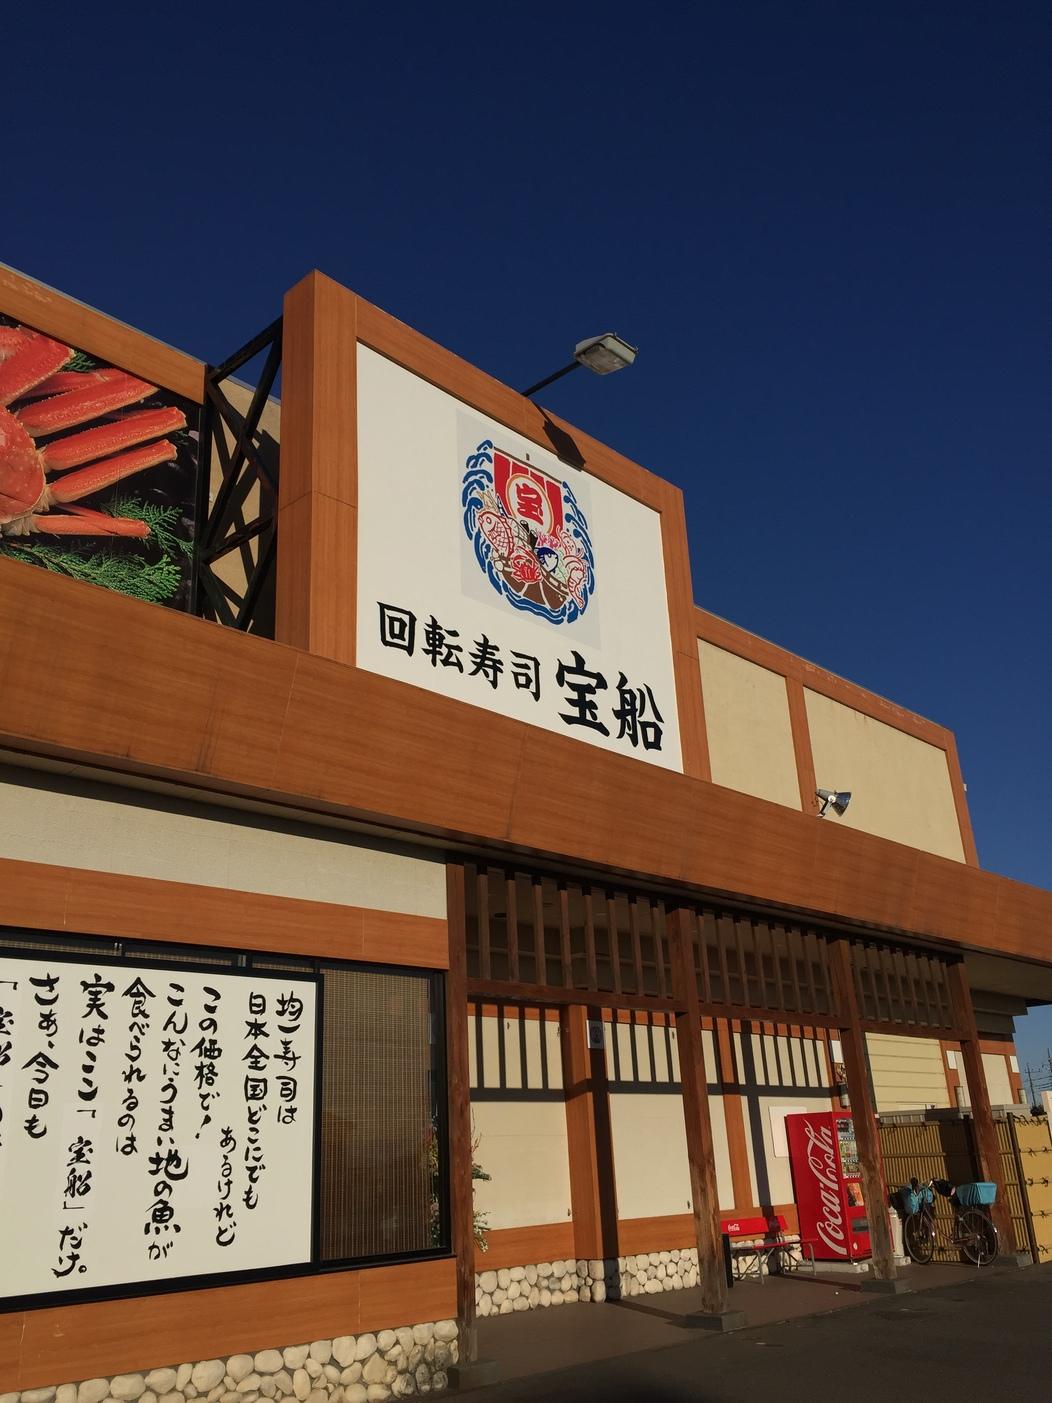 回転寿司 宝船 高崎店